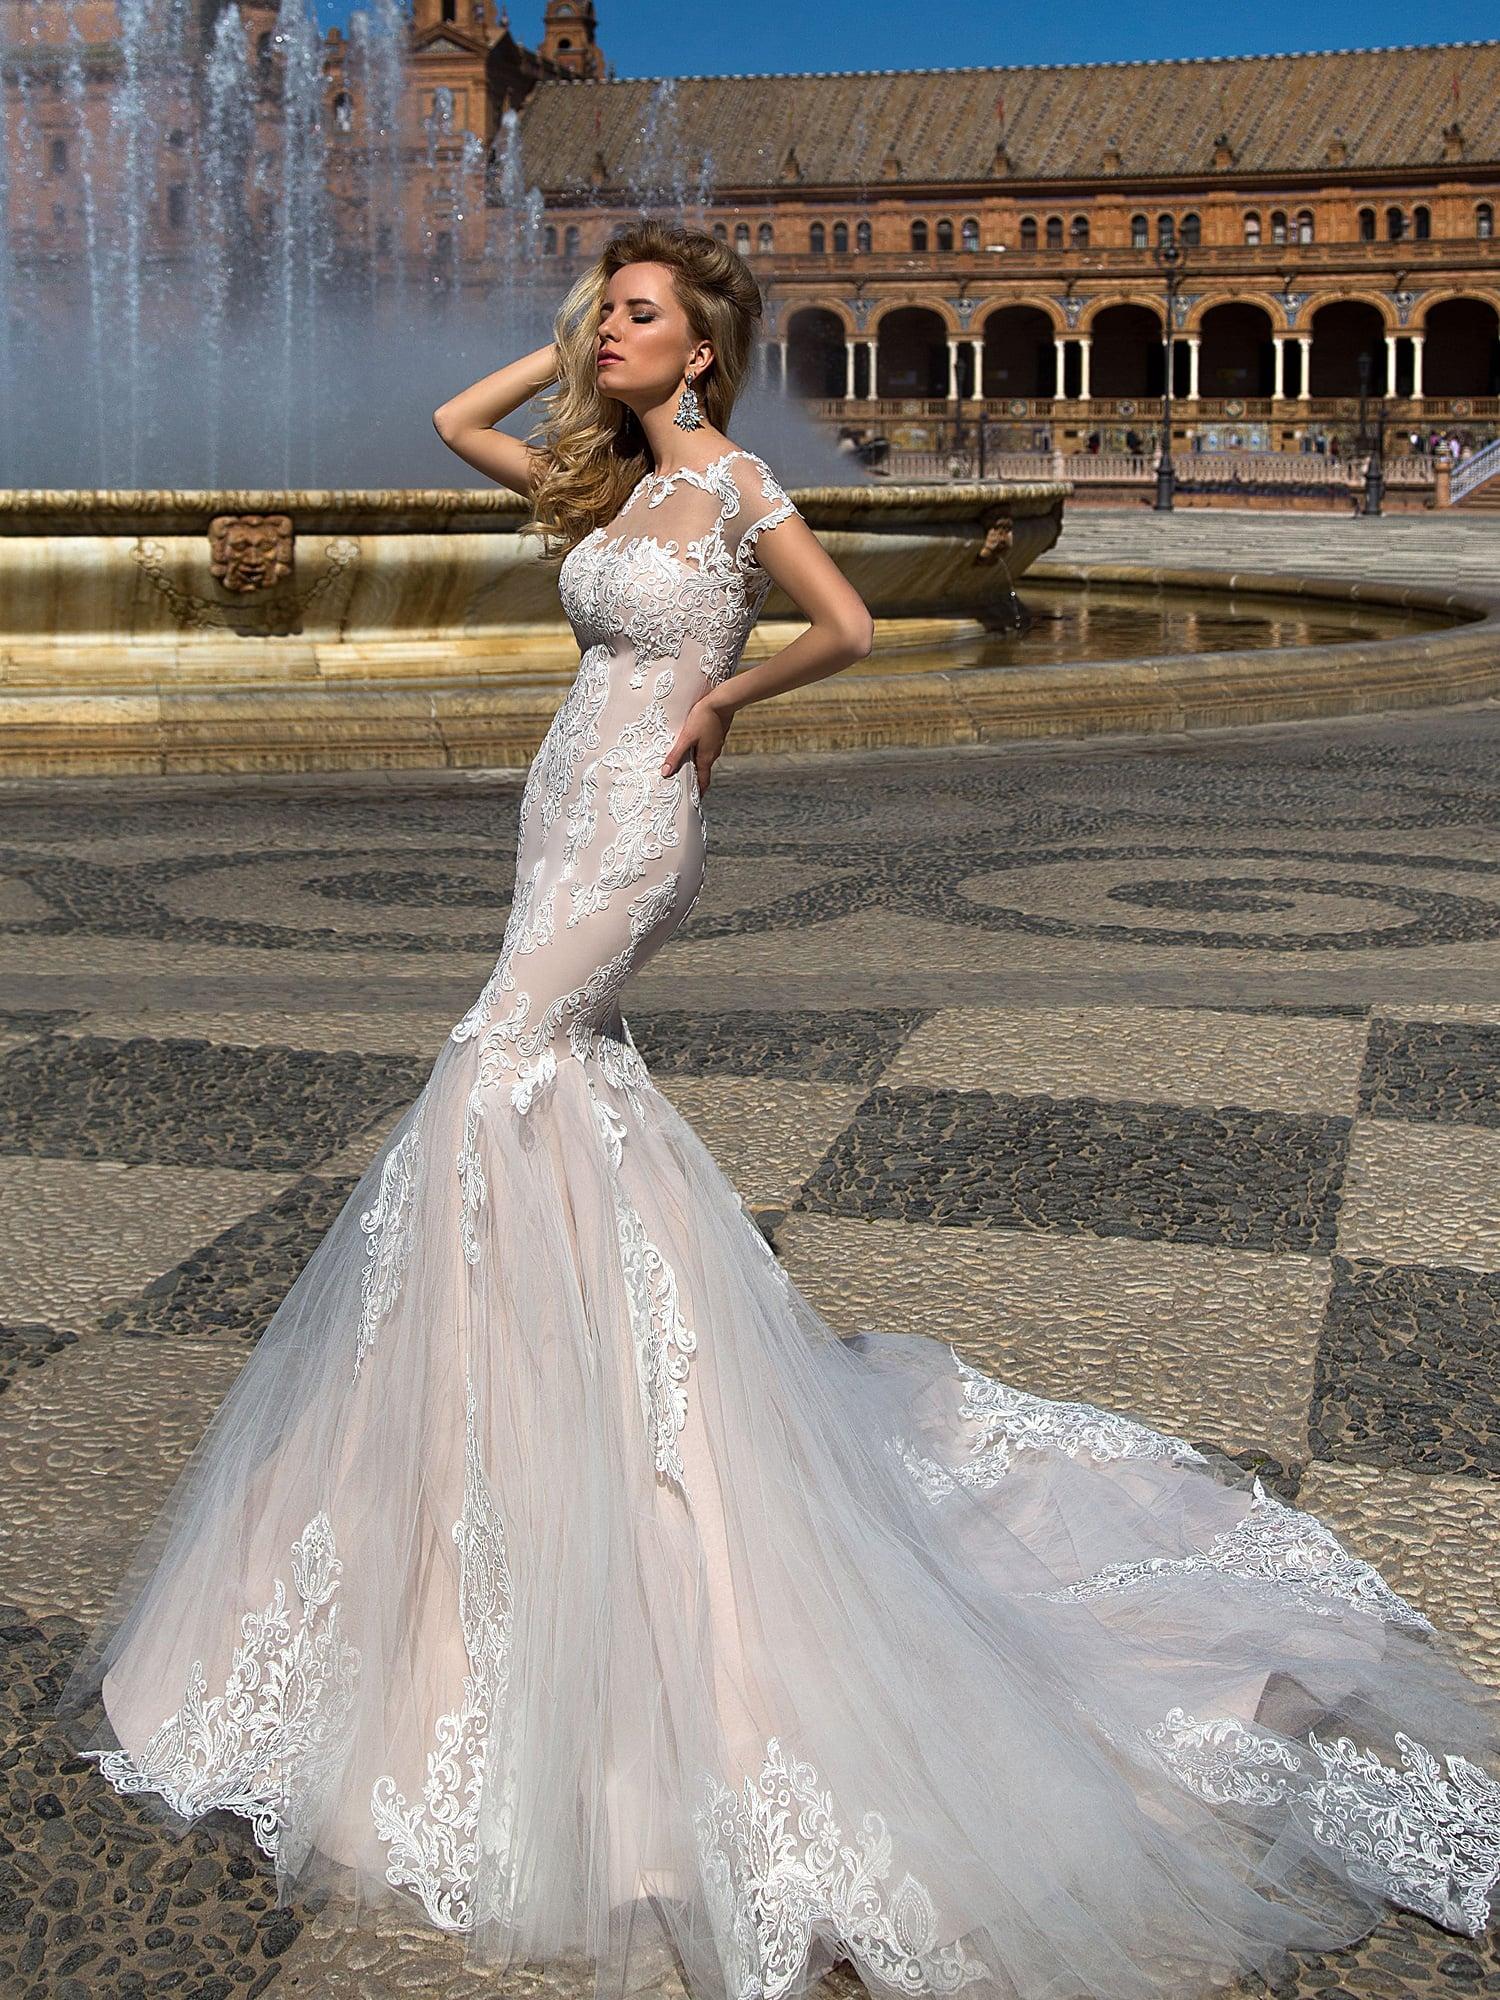 Свадебное платье Оксана Муха Adalyn ▷ Свадебный Торговый Центр Вега ... 1104214b296de